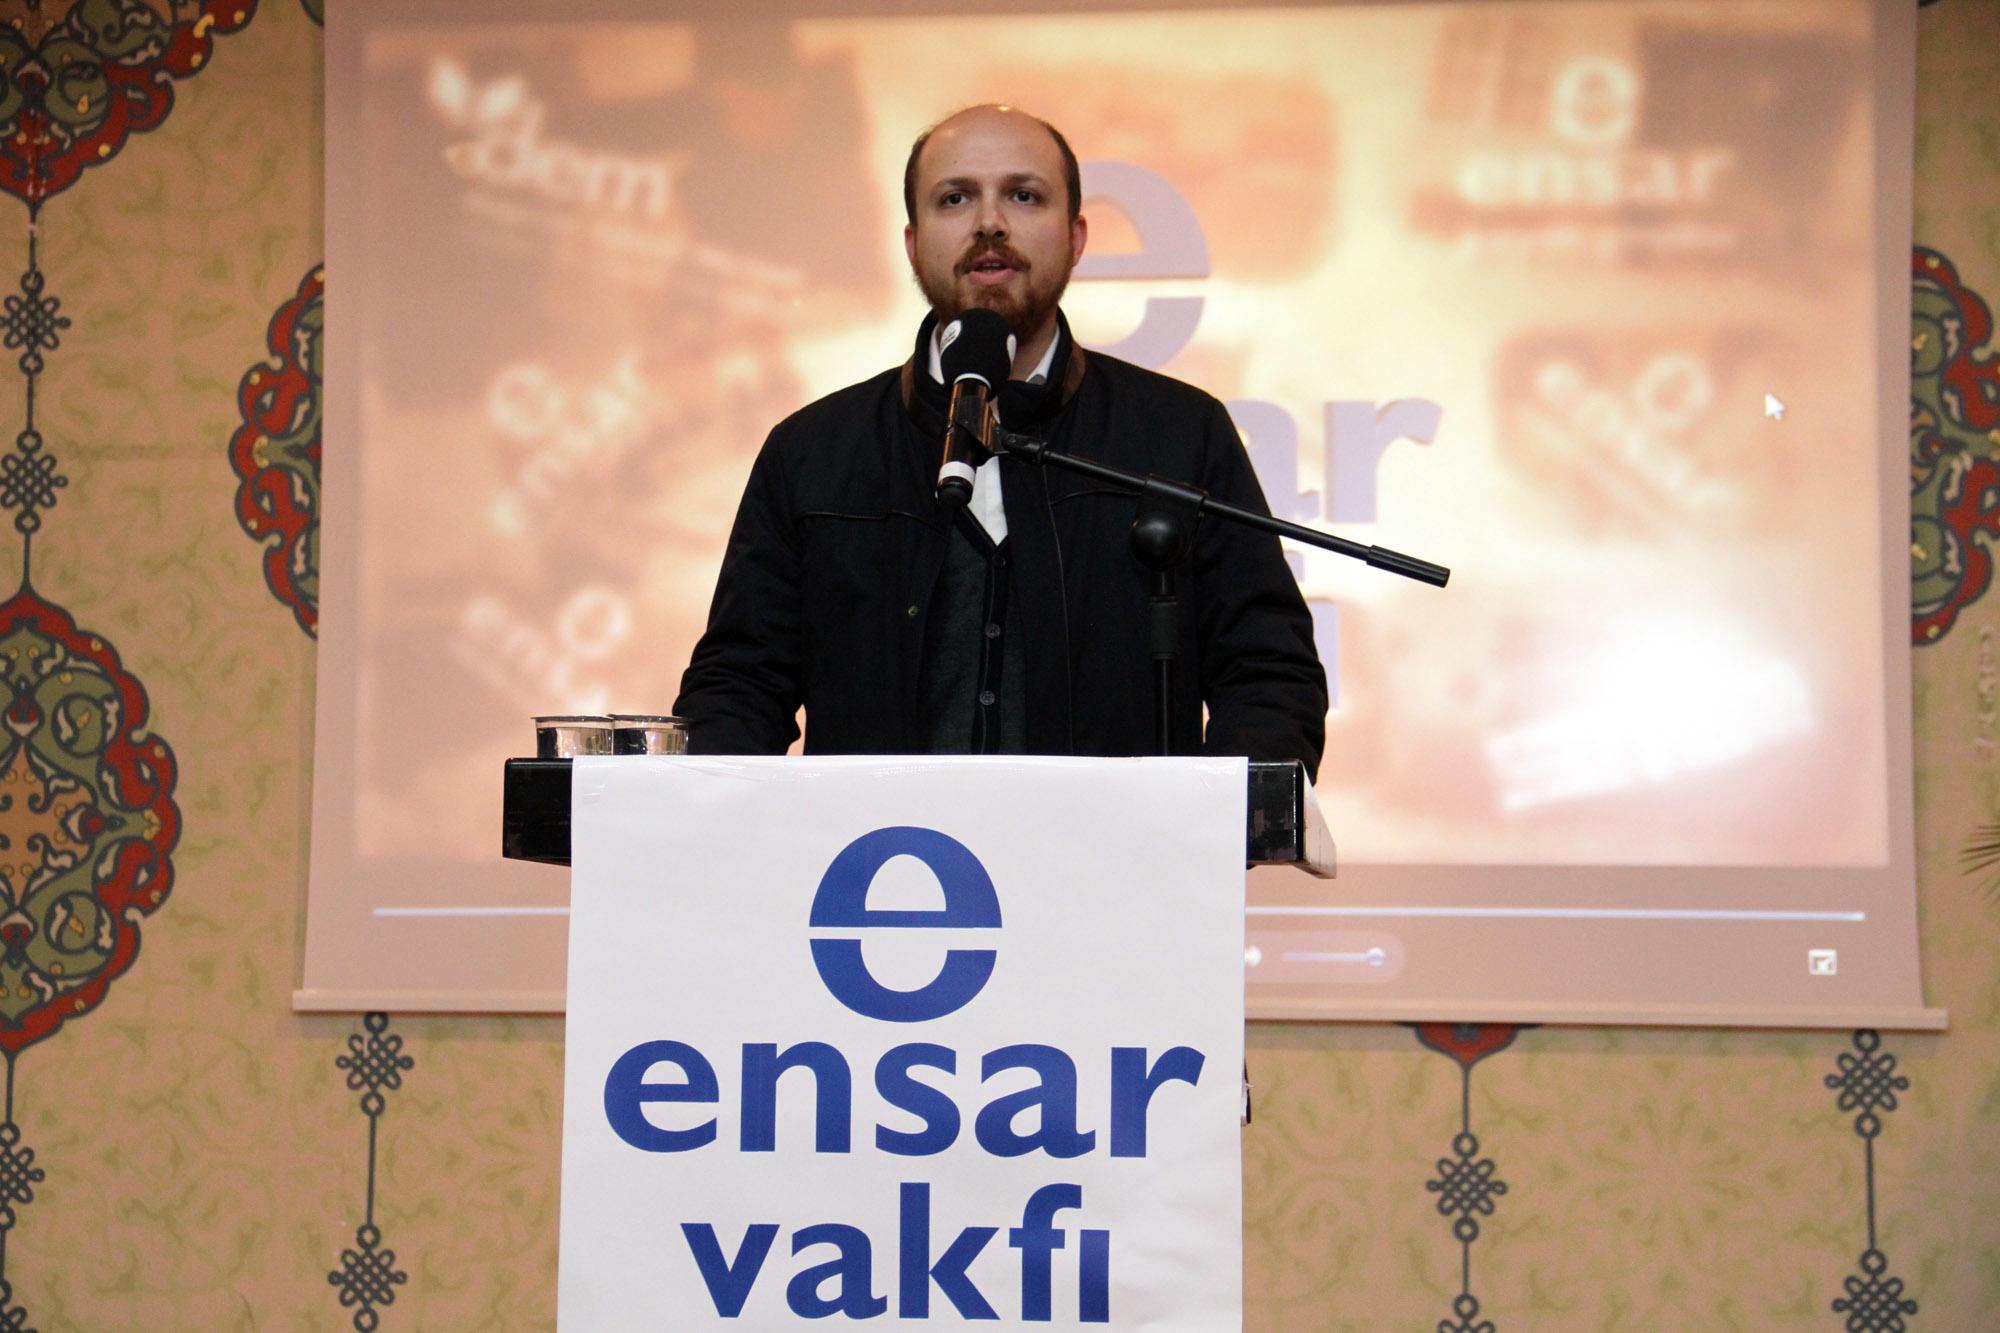 AKP'li Üsküdar Belediyesi, kamu binalarını Ensar Vakfı'na tahsis etti